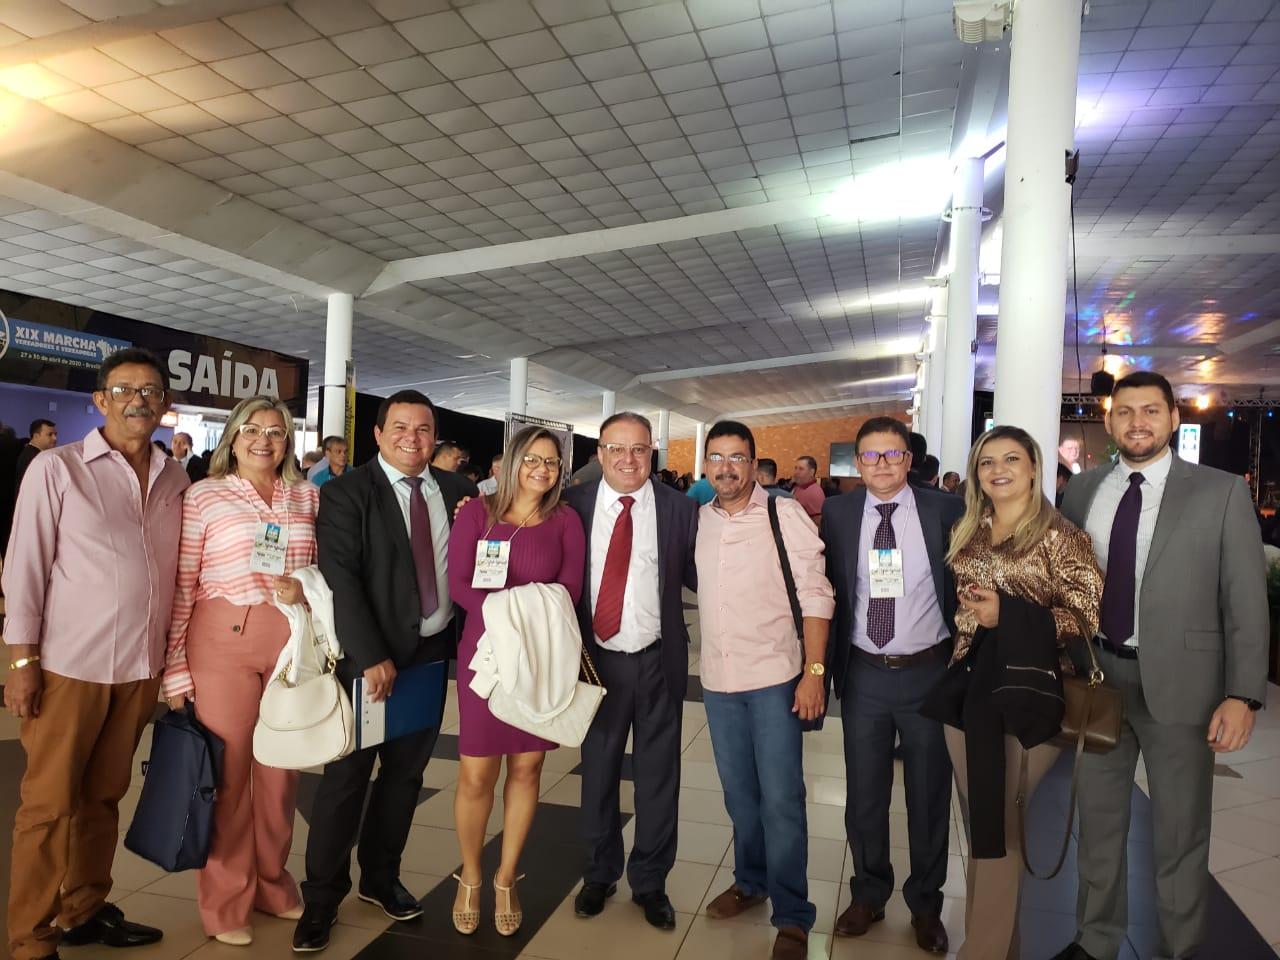 Paulinho Freire junto aos vereadores de Guamaré e o presidente da Câmara Municipal Eudes Miranda